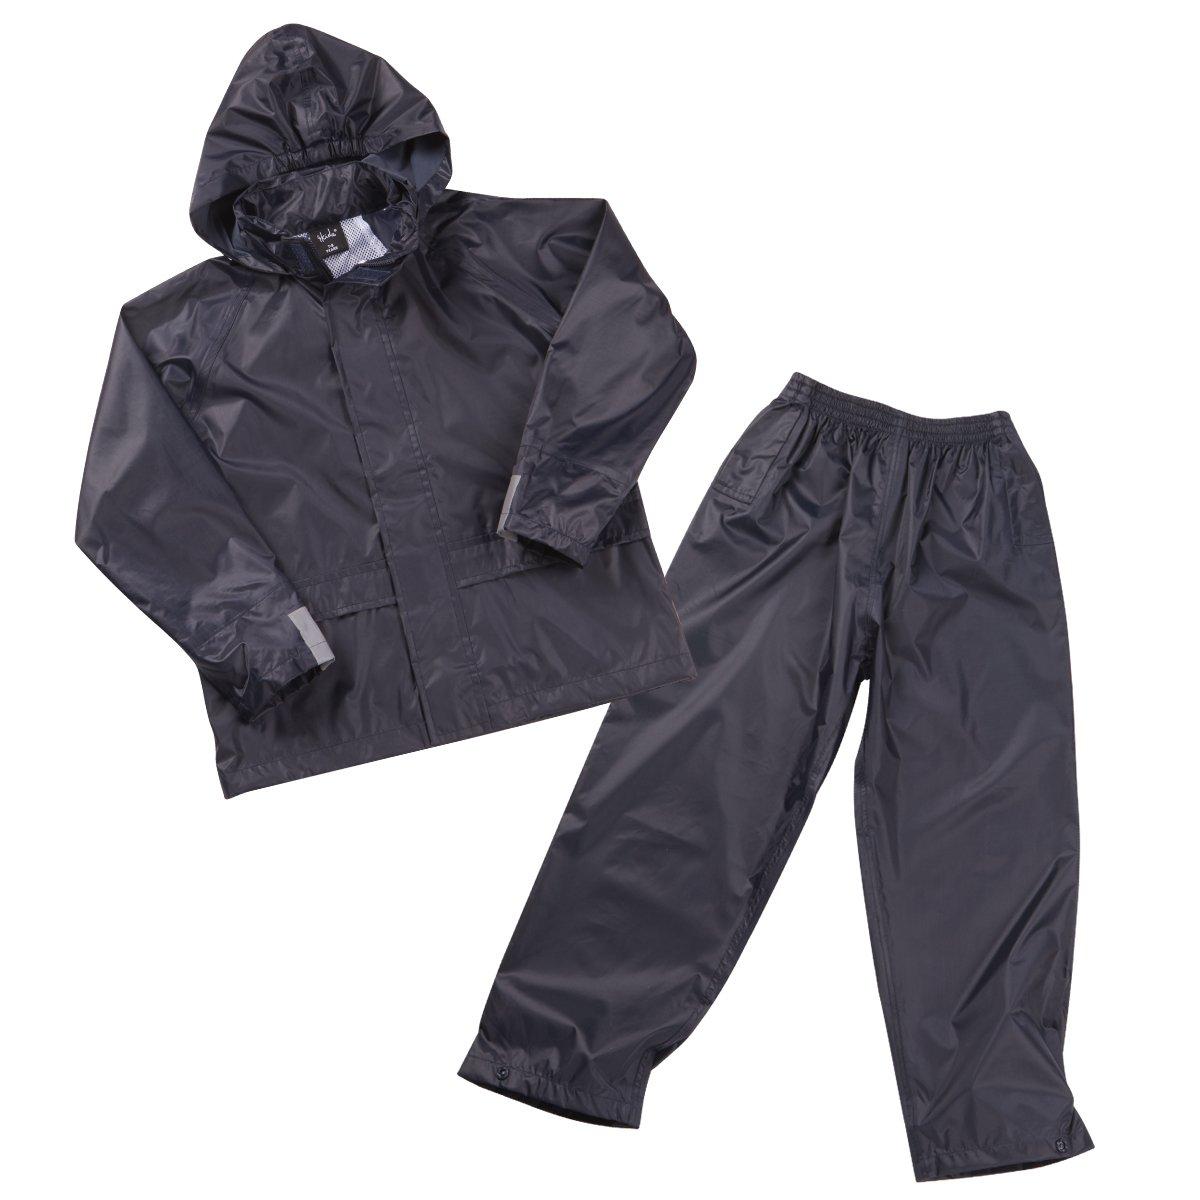 4 KIDZ Boys Kids Childrens Waterproof Jacket Coat Trousers Pants Set Hooded Tracksuit 4KIDZ